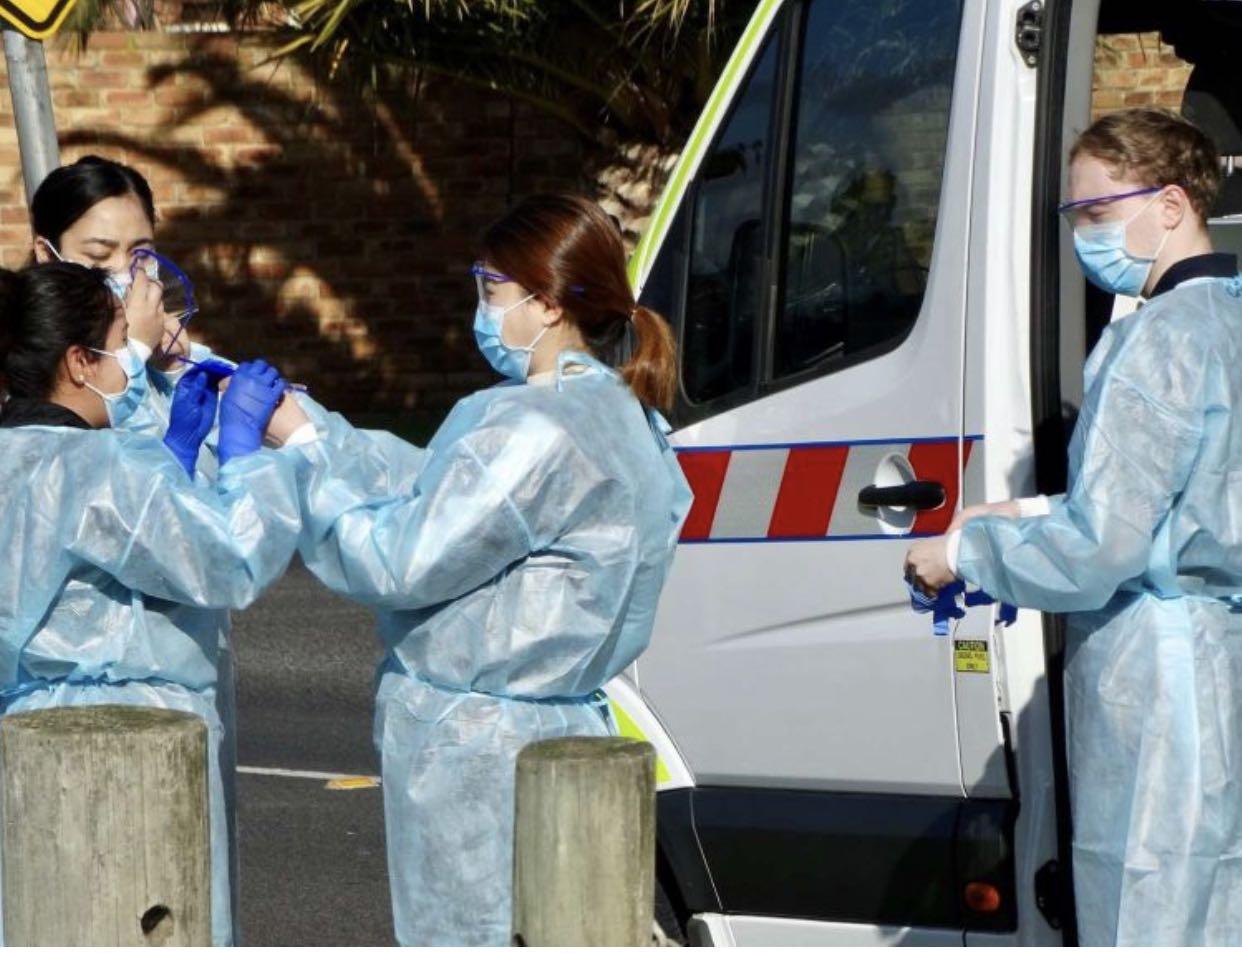 allbet:新增75例!澳大利亚维多利亚州新冠肺炎确诊病例单日新增连创新高 第1张